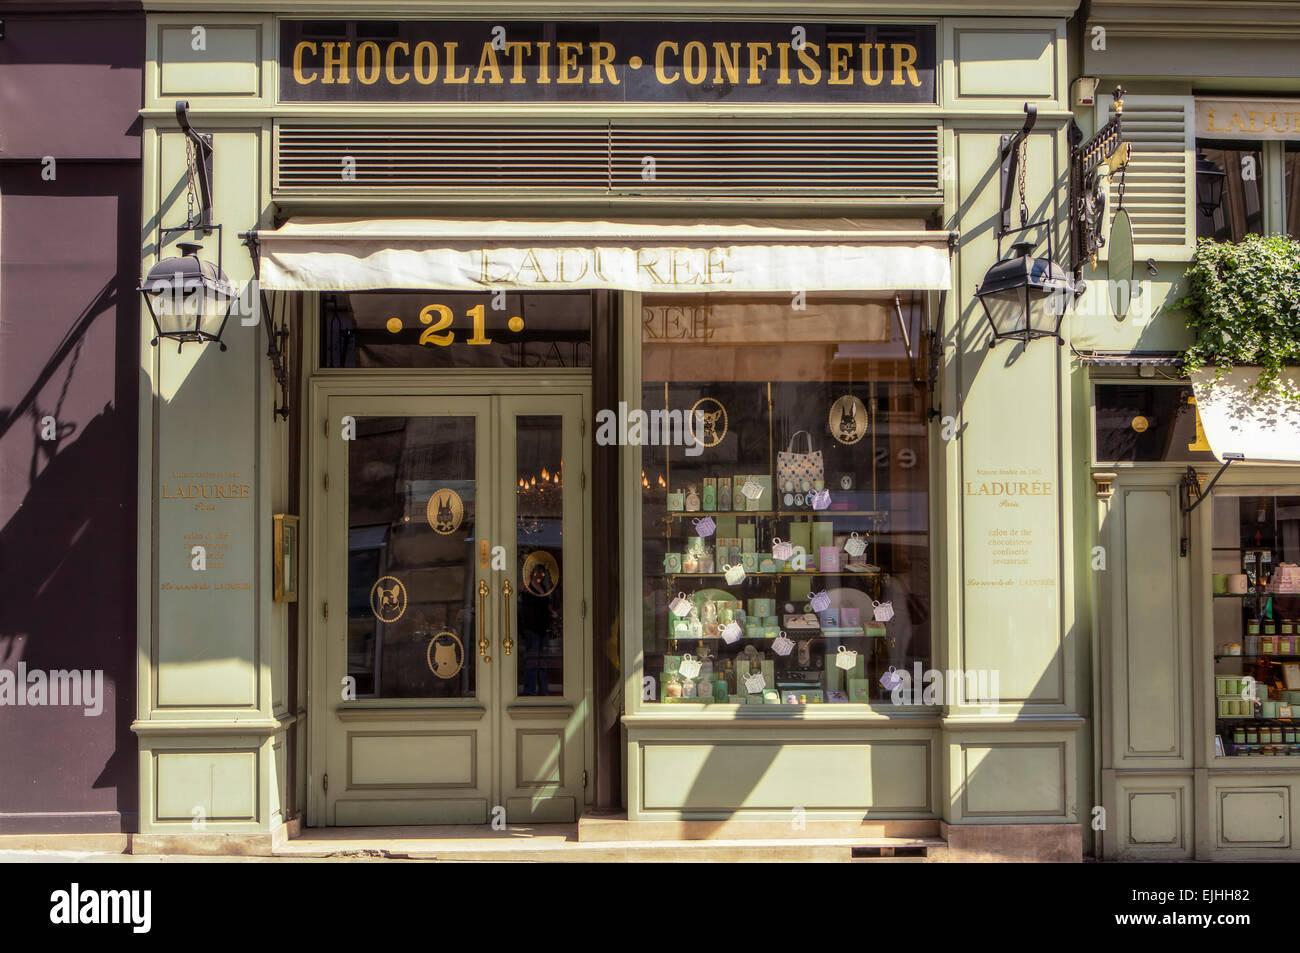 Laduree Rue Bonaparte shop front, Paris, France - Stock Image